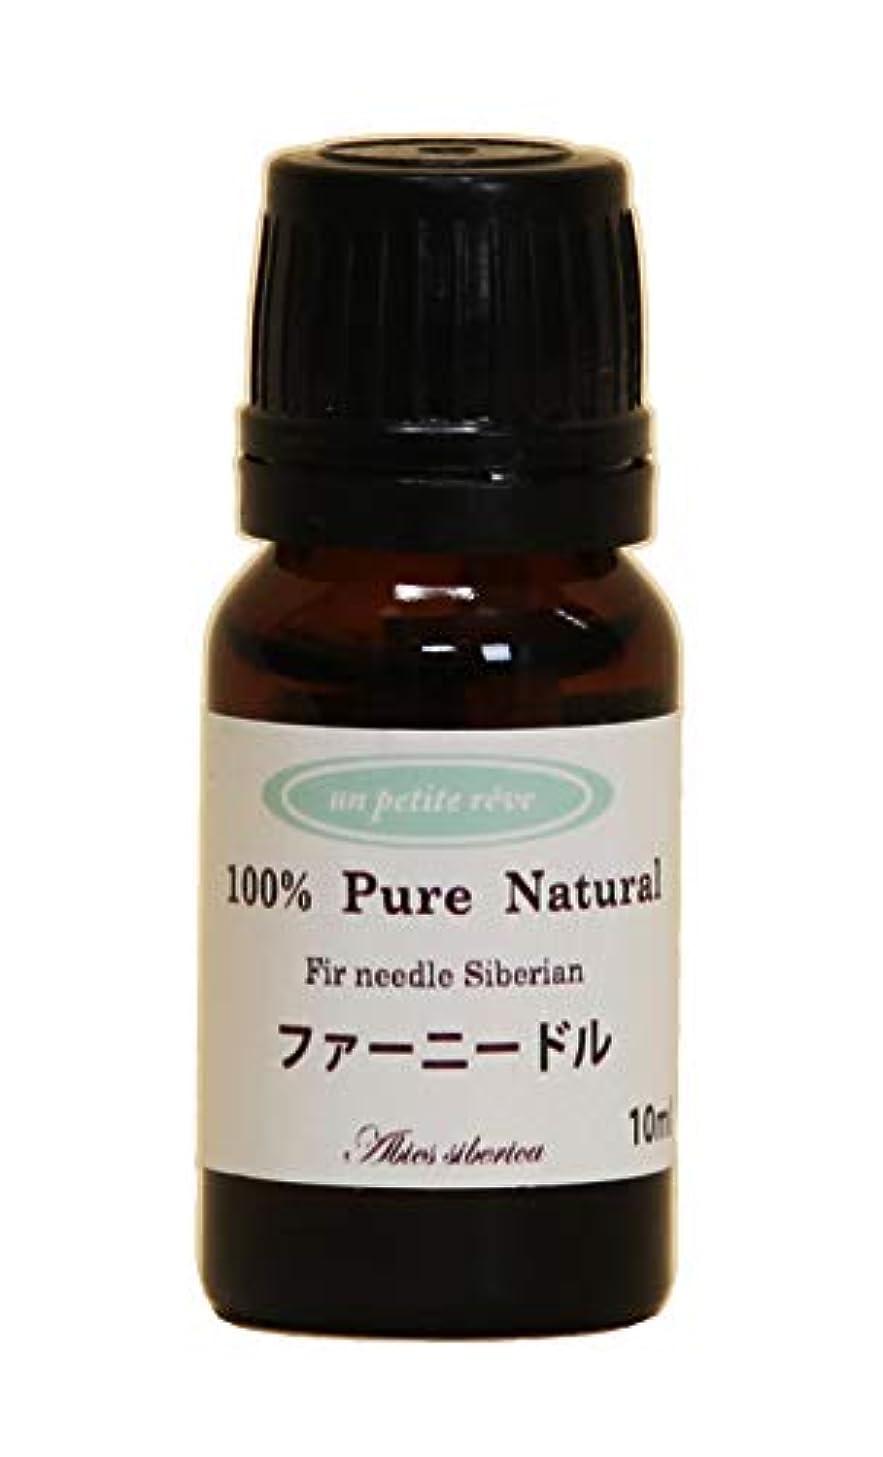 個人エッセイ繁殖ファーニードル(シベリアモミ) 10ml 100%天然アロマエッセンシャルオイル(精油)